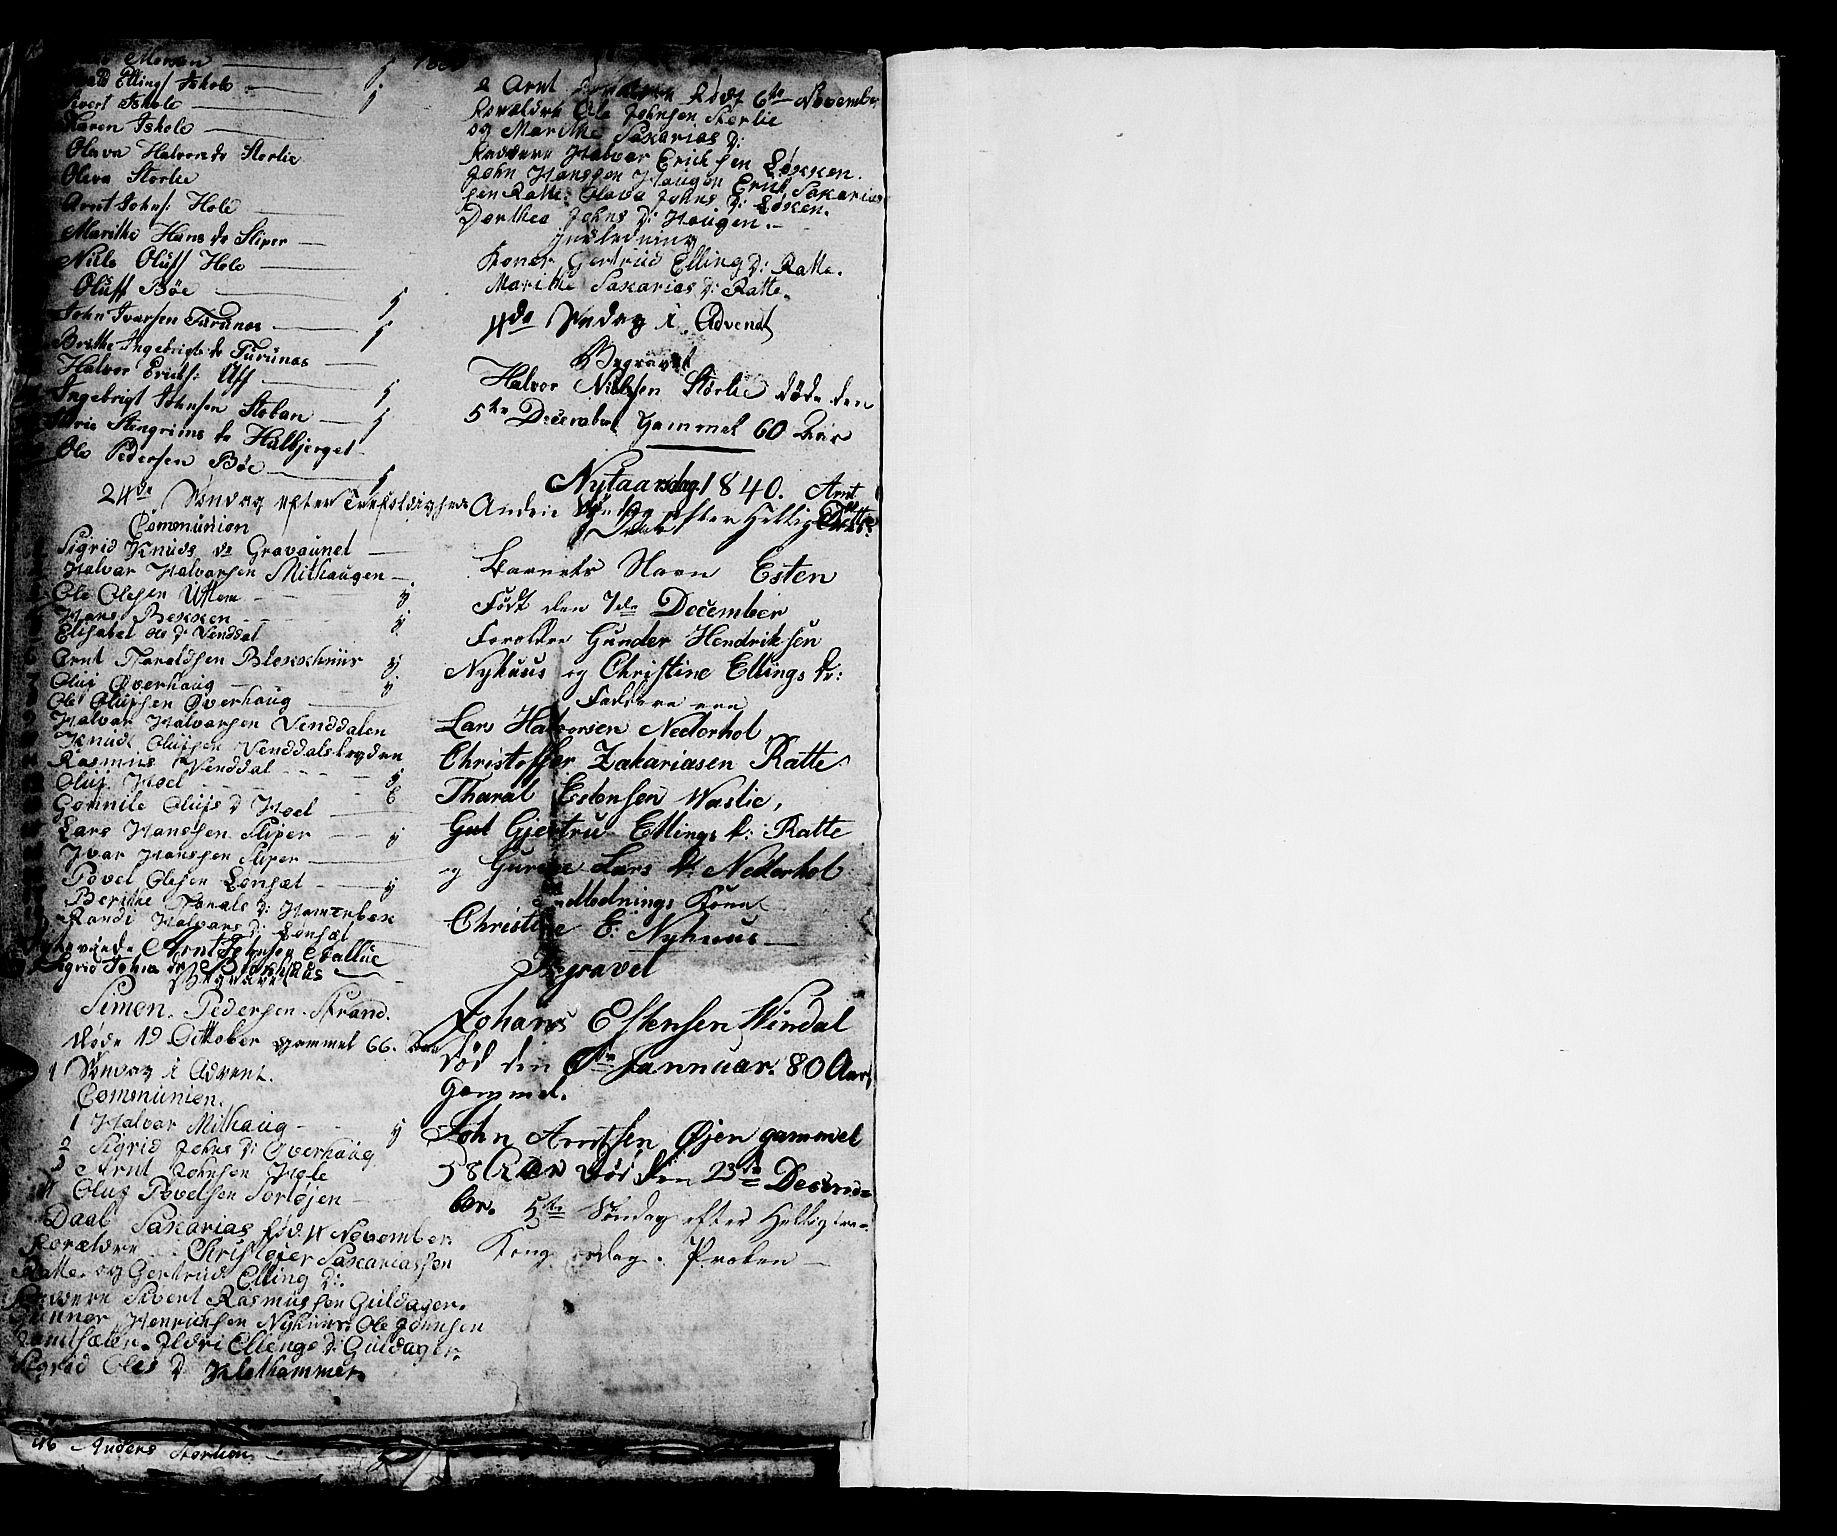 SAT, Ministerialprotokoller, klokkerbøker og fødselsregistre - Sør-Trøndelag, 679/L0921: Klokkerbok nr. 679C01, 1792-1840, s. 141